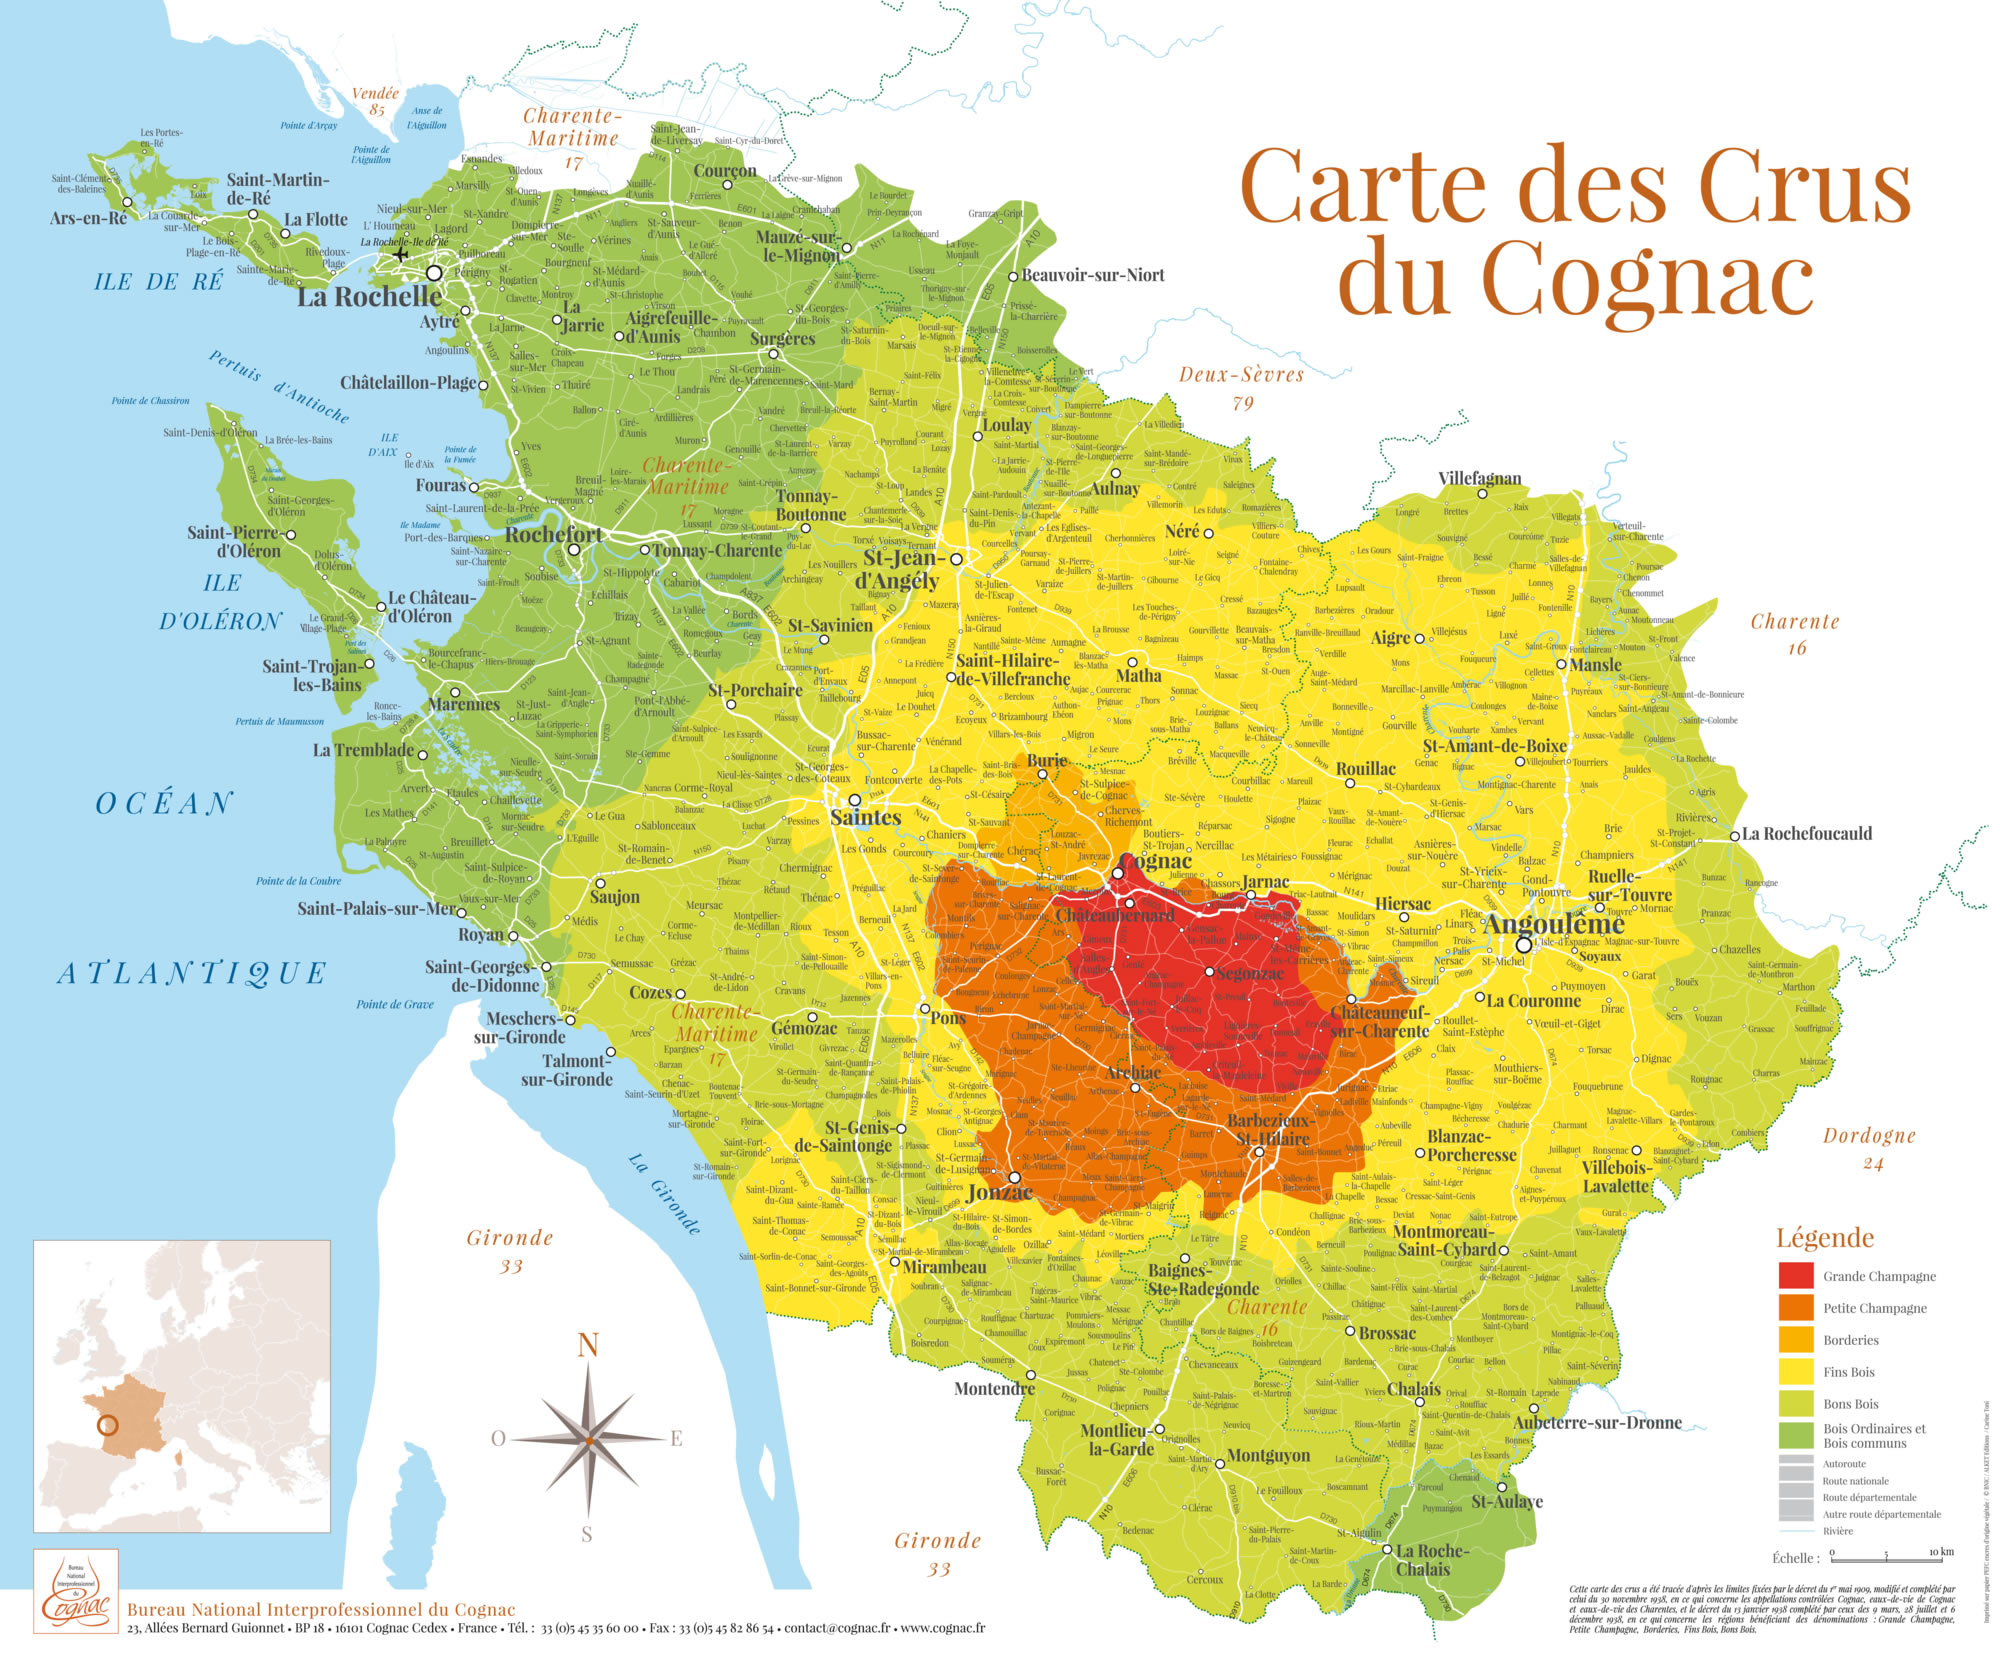 Carte des crus du cognac, grande et petite champagne, borderies, fins bois, bons bois, bois ordinaires